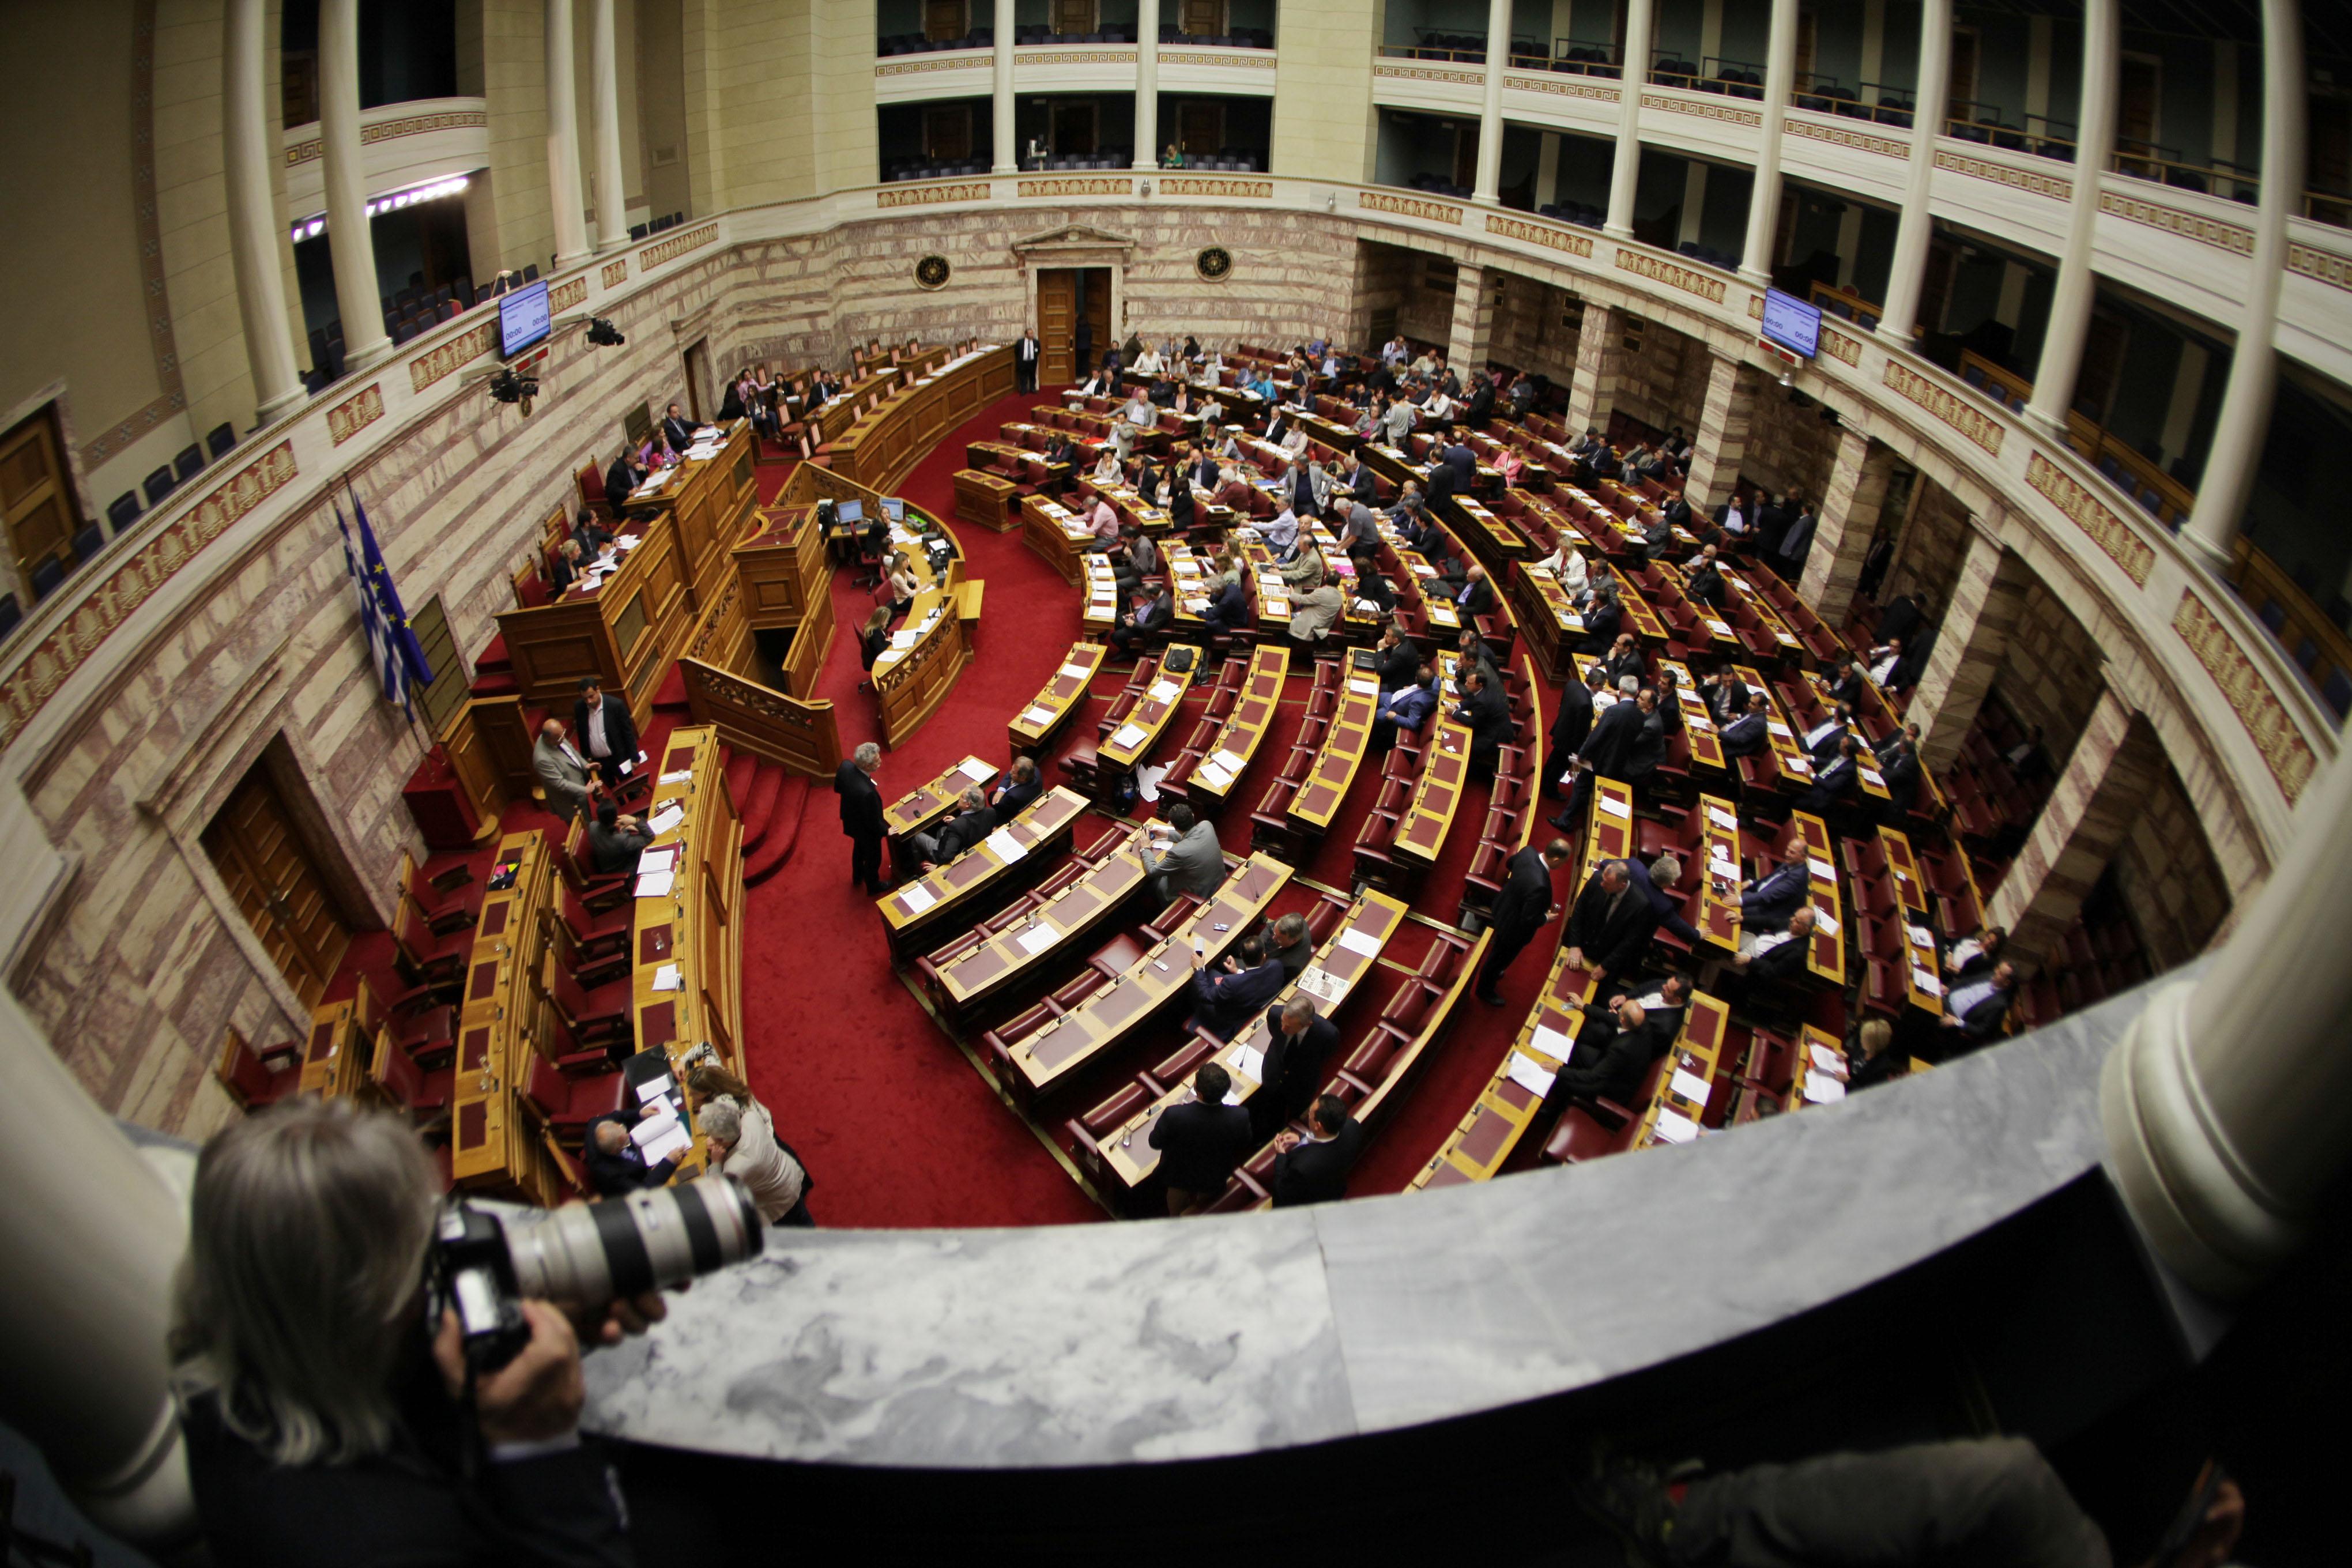 Ψηφίστηκε εν μέσω αντιπαραθέσεων στη Βουλή η ΠΝΠ για την Ελληνική Βιομηχανία Ζάχαρης | tanea.gr